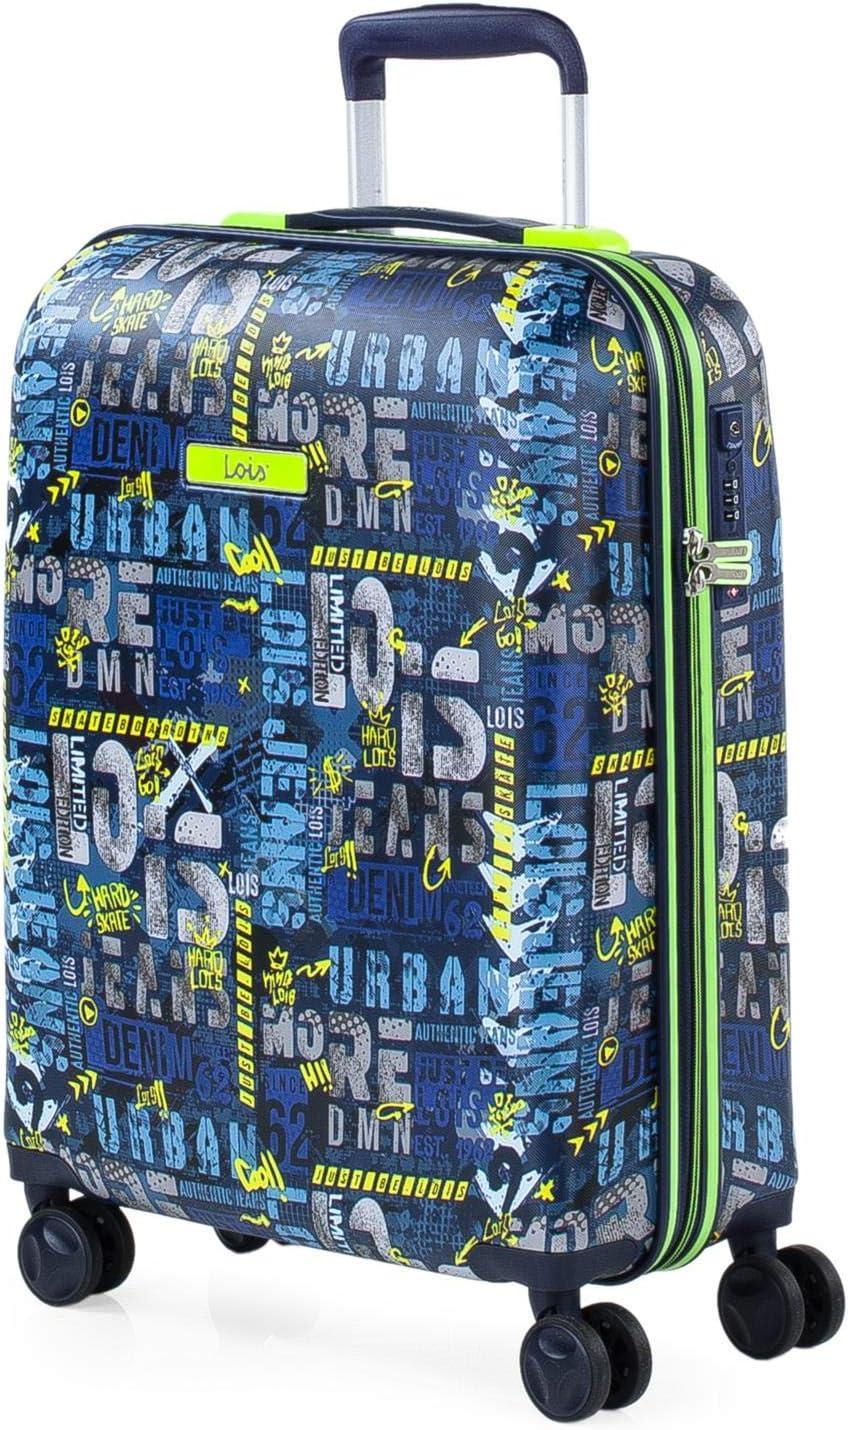 Lois - Maleta Cabina de Viaje Rígida 4 Ruedas Trolley 55 cm ABS Estampado y Texturizado. Equipaje de Mano. Resistente y Ligera. Vuelos Low Cost Ryanair 131750, Color Marino